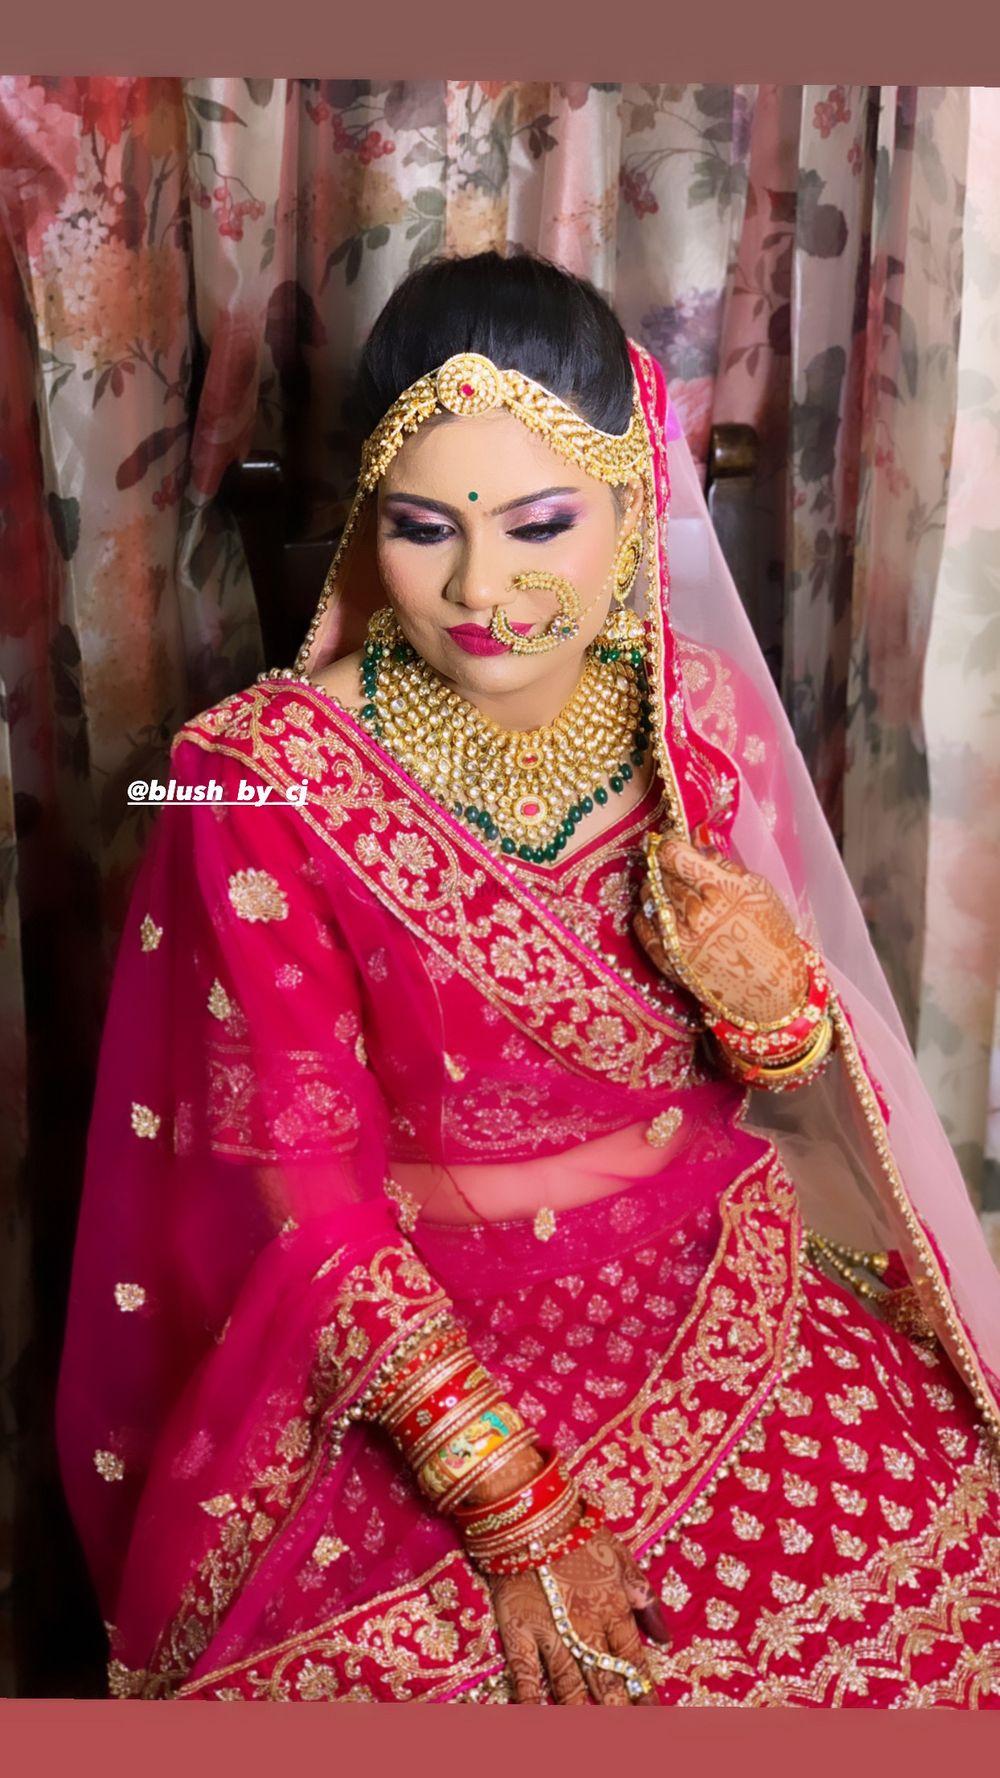 Photo By Blush By CJ - Bridal Makeup